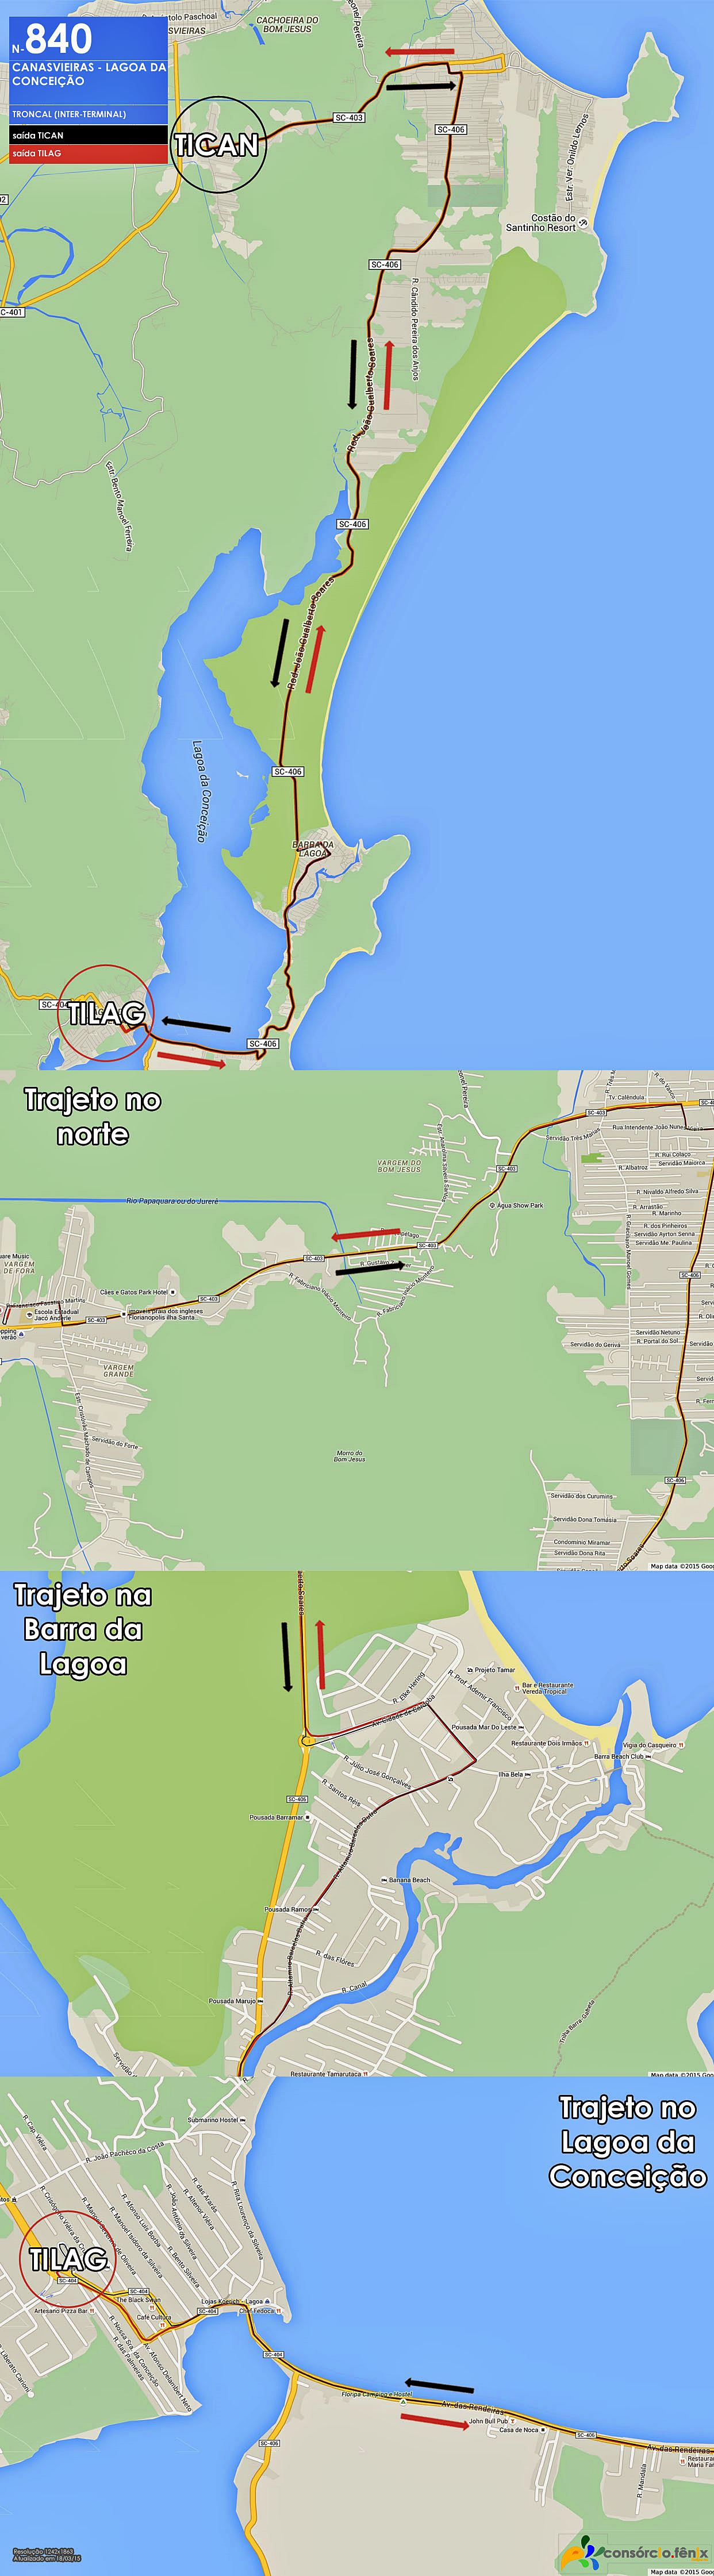 Horario de Onibus TICAN - TILAG via Cidade da Barra